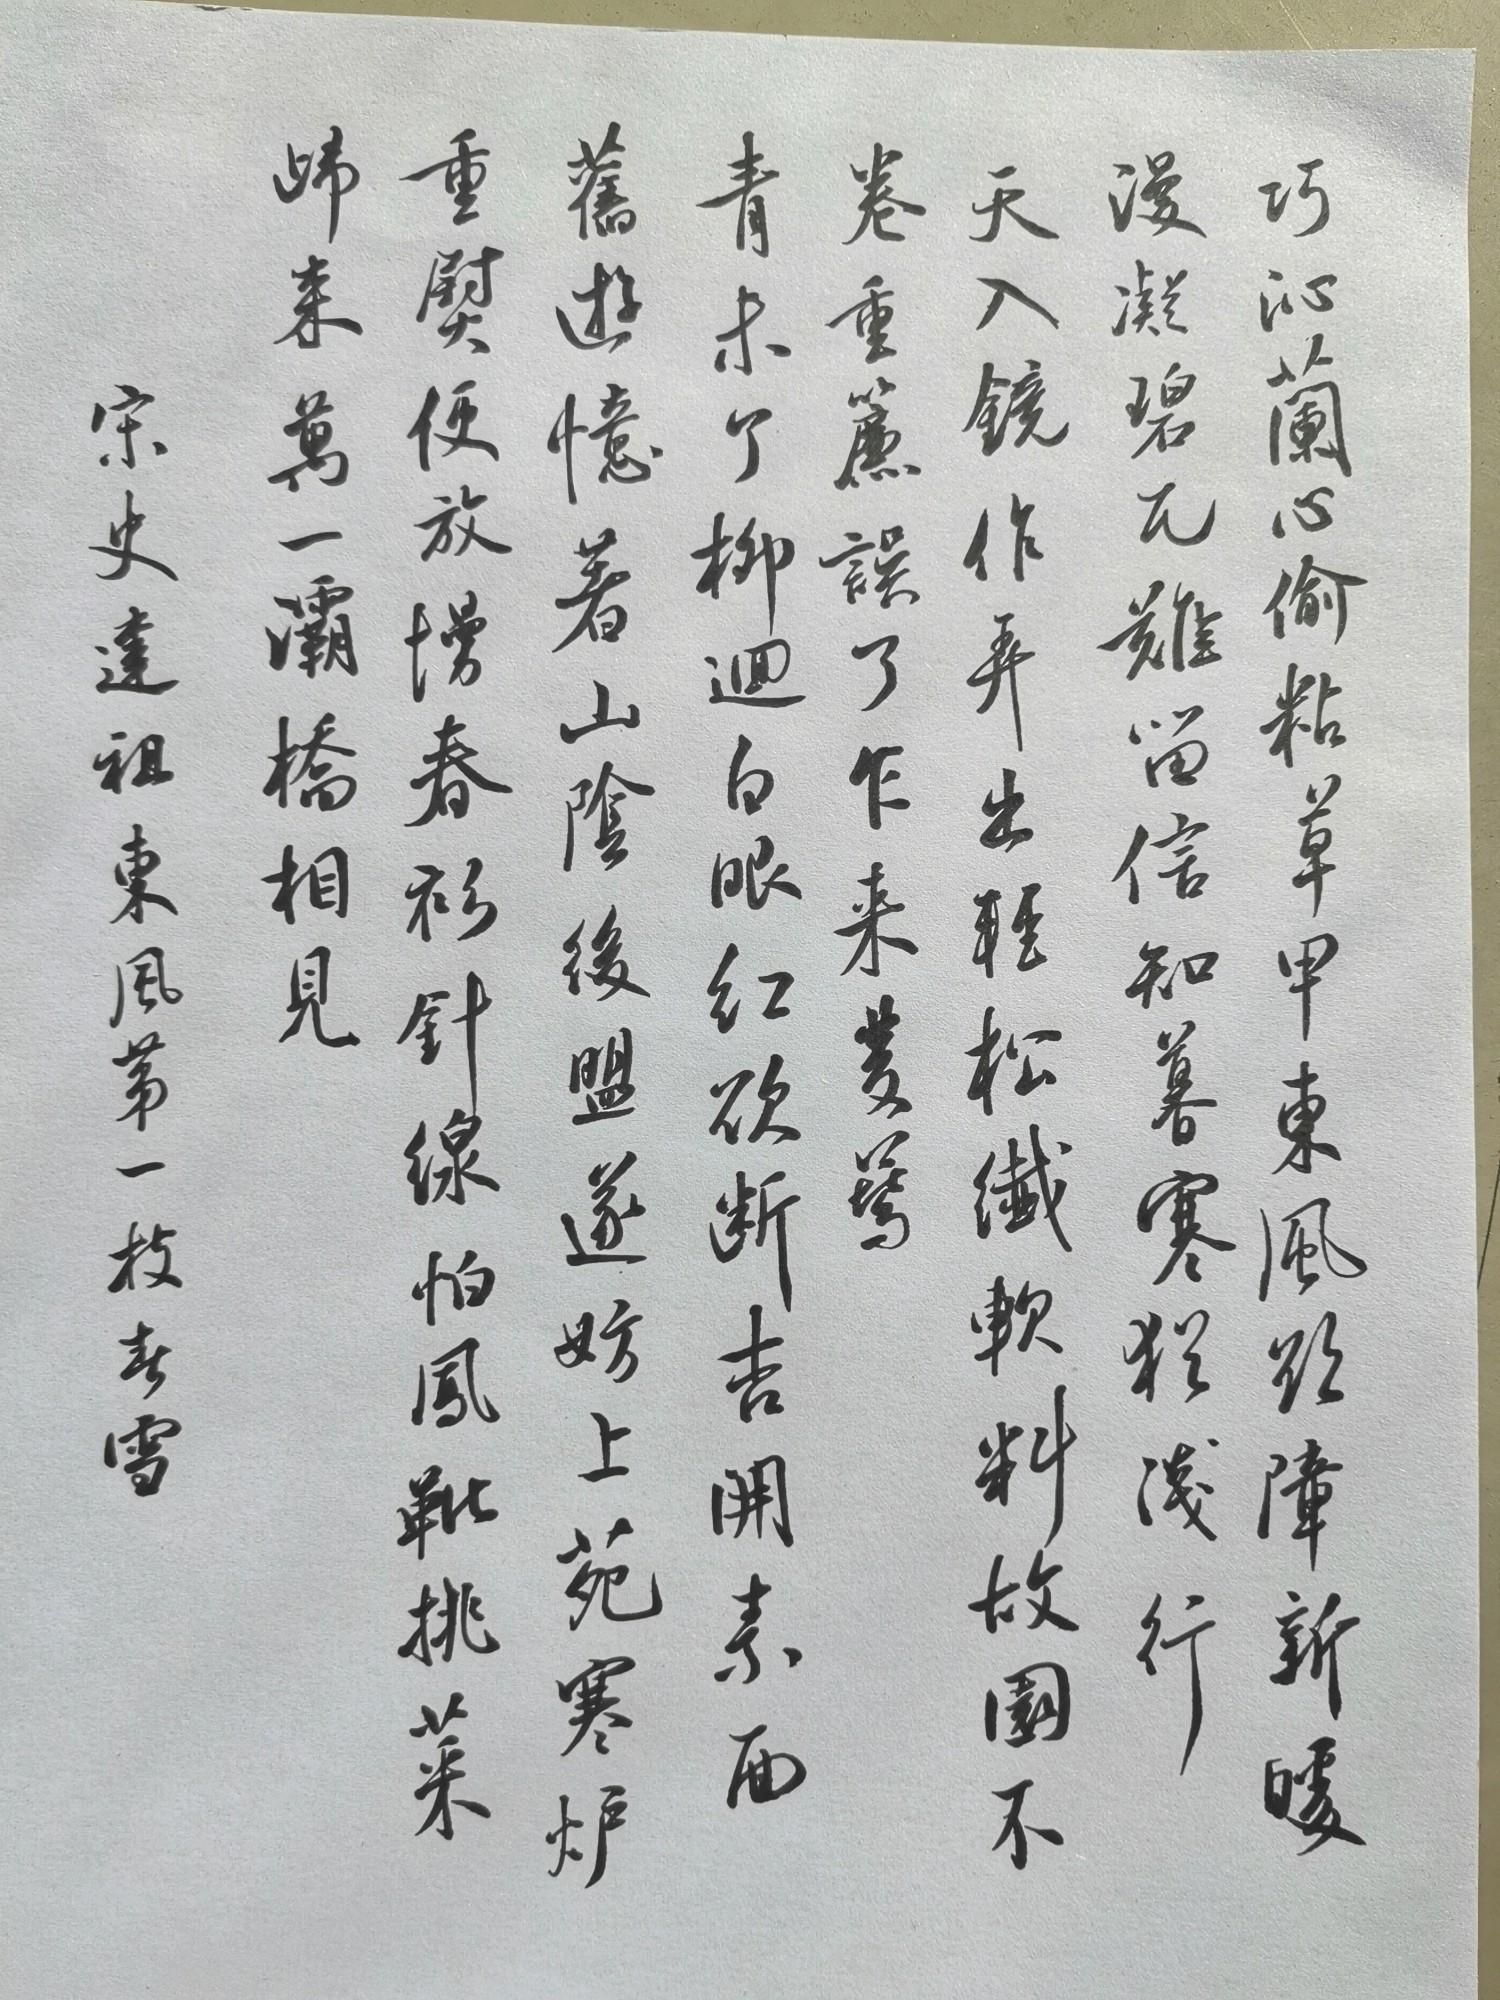 钢笔书法练字打卡20210511-01